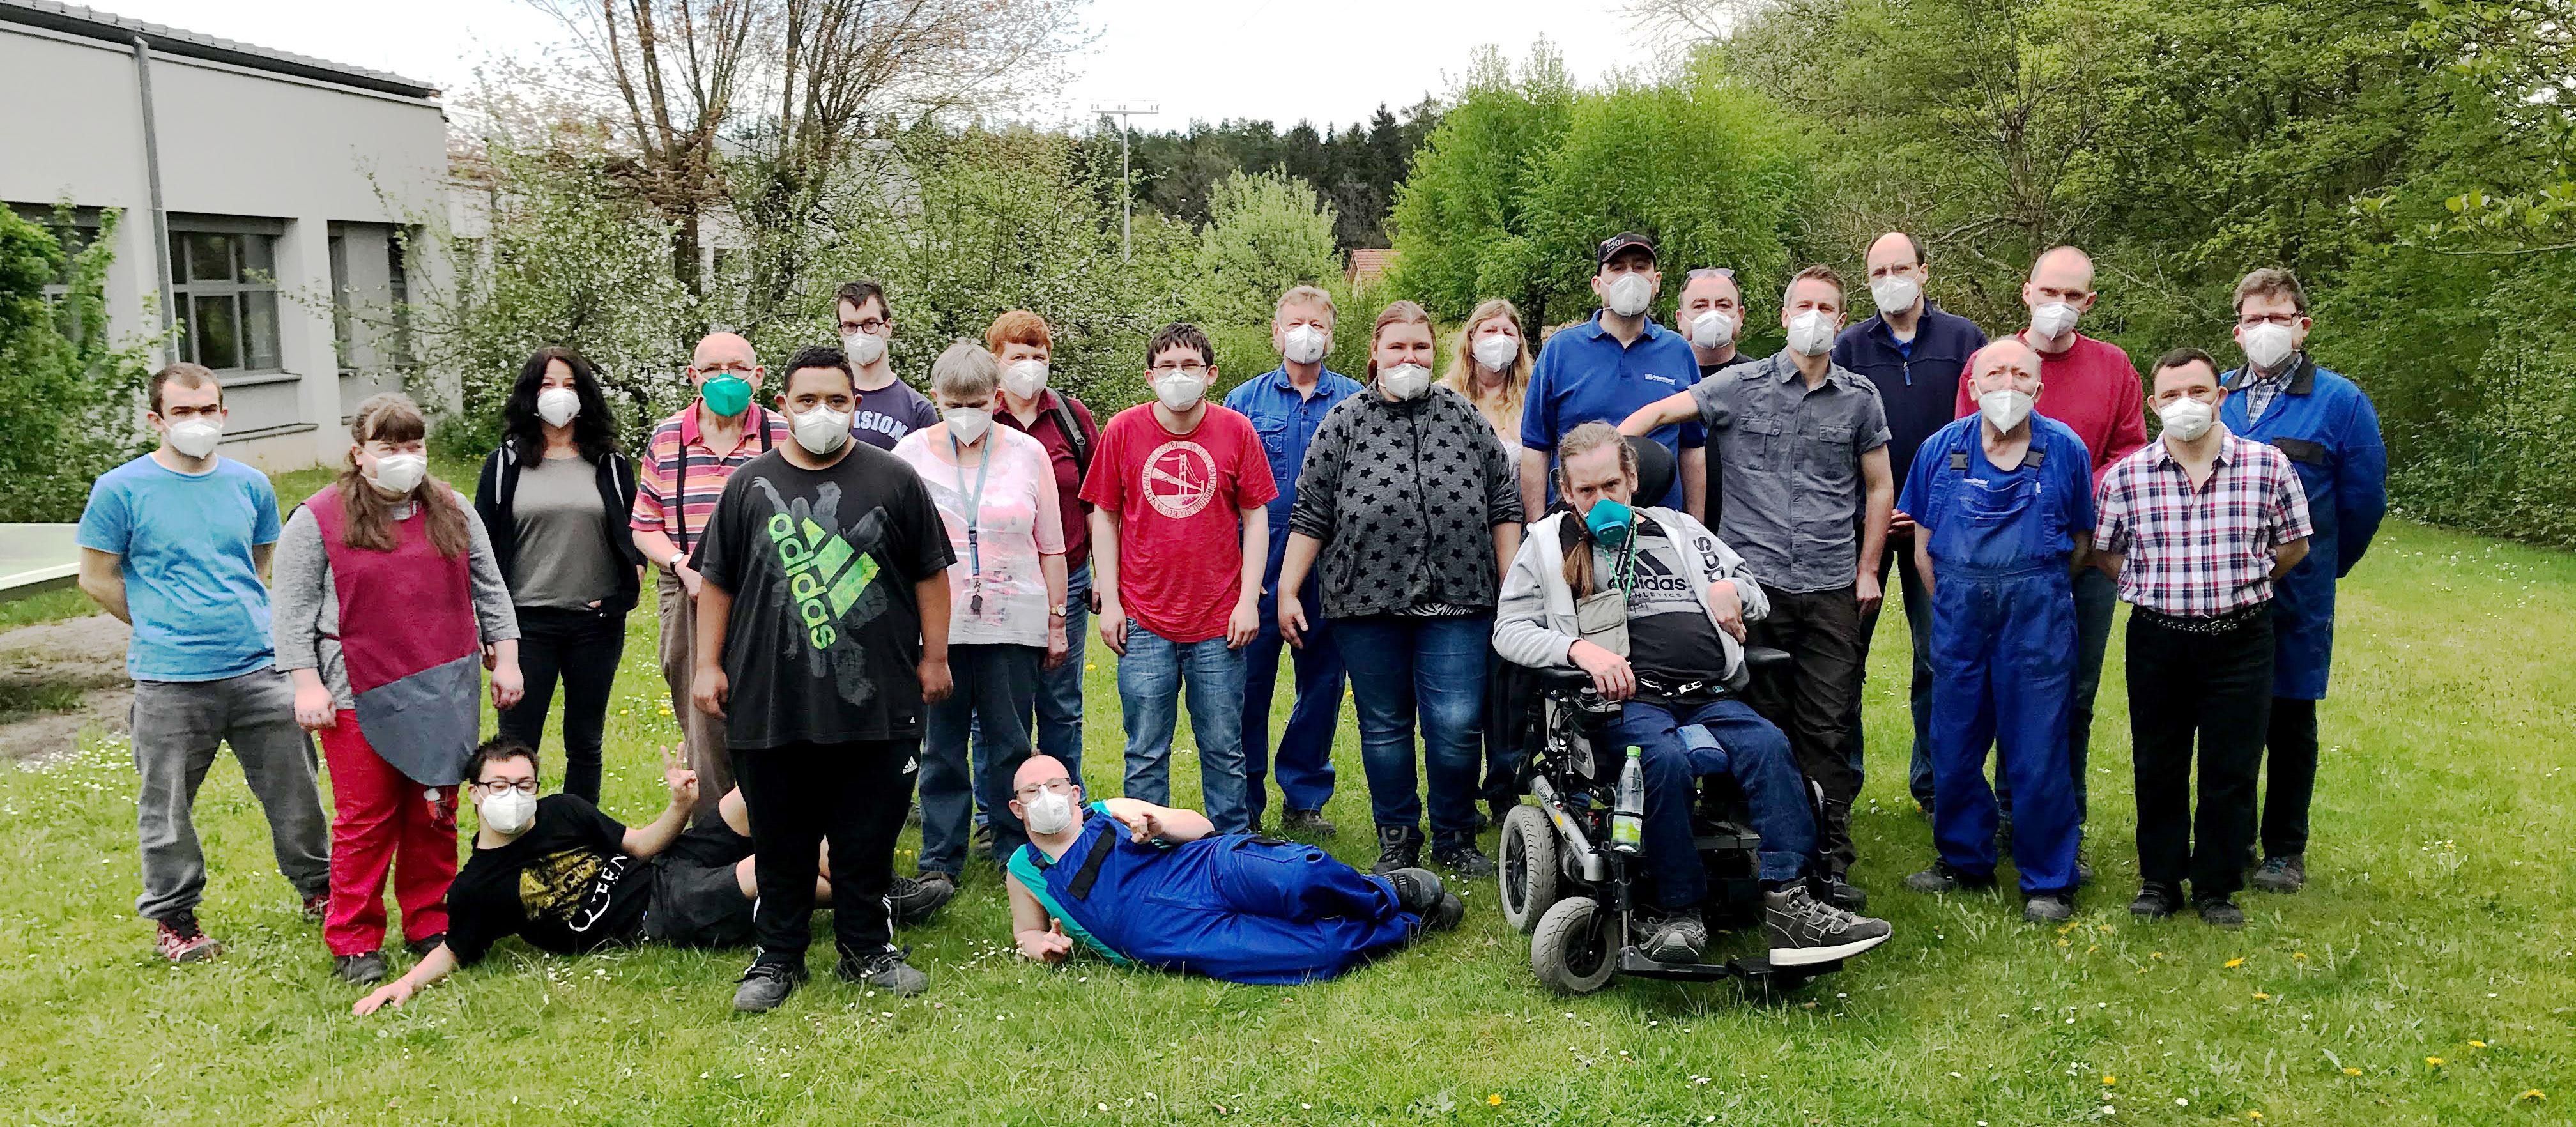 Eine schöne Erinnerung: Gruppenleiter Janker (6. v. r.) wechselt von der Fertigung 2 in den Berufsbildungsbereich (BBB). Zum Abschied versammelte sich das Team im Garten der WfbM für ein Foto.